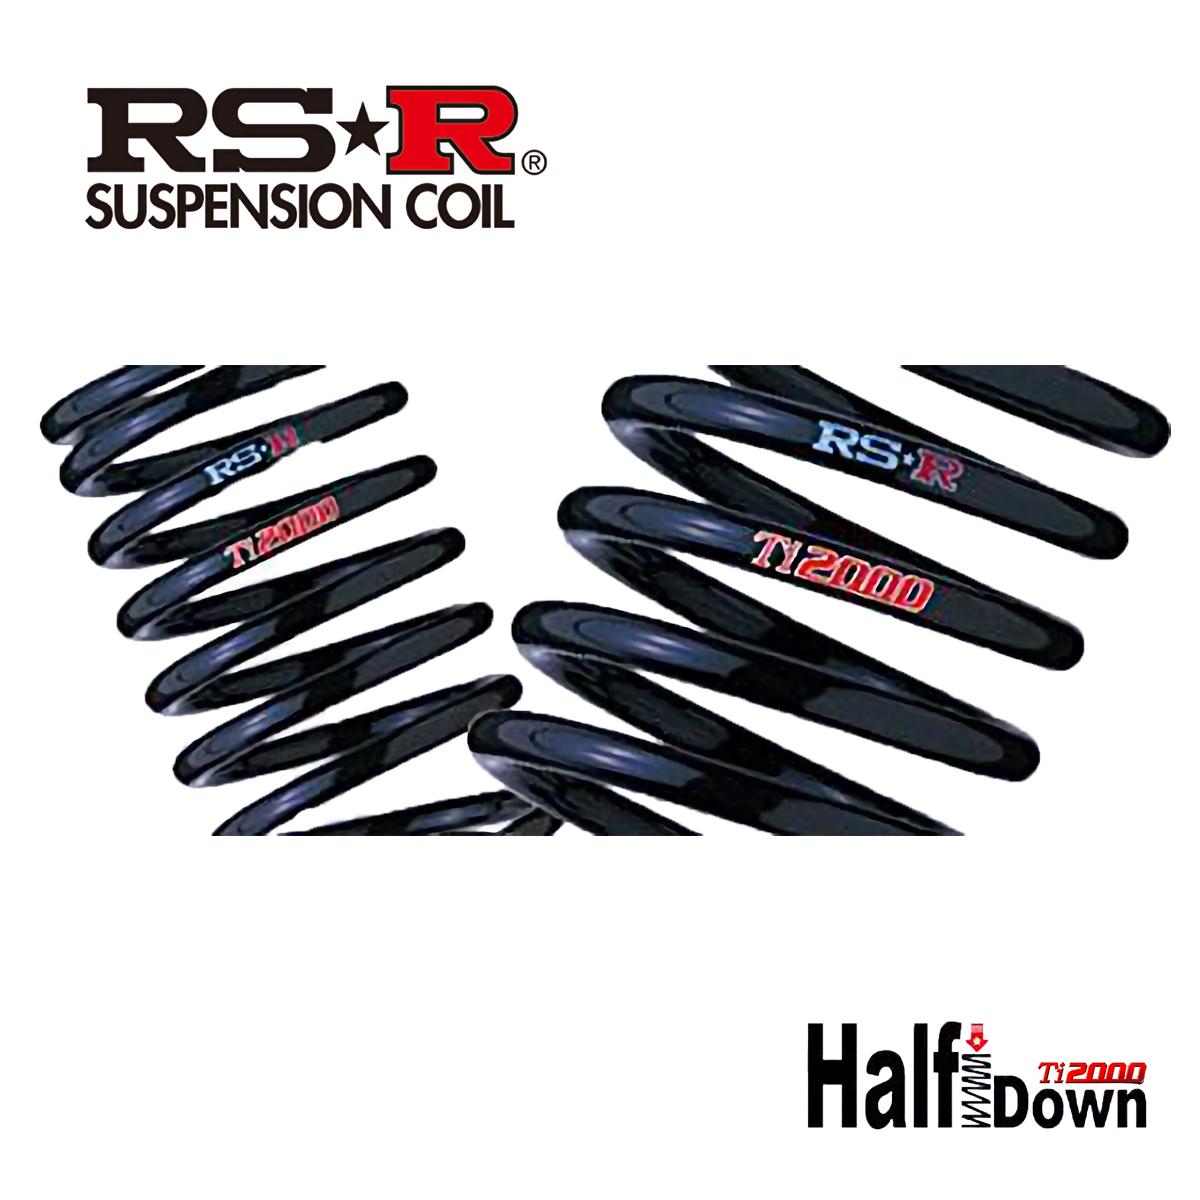 RS-R ステップワゴンスパーダ スパーダクールスピリット RP4 ダウンサス スプリング フロントのみ H785THDF Ti2000 ハーフダウン RSR 個人宅発送追金有